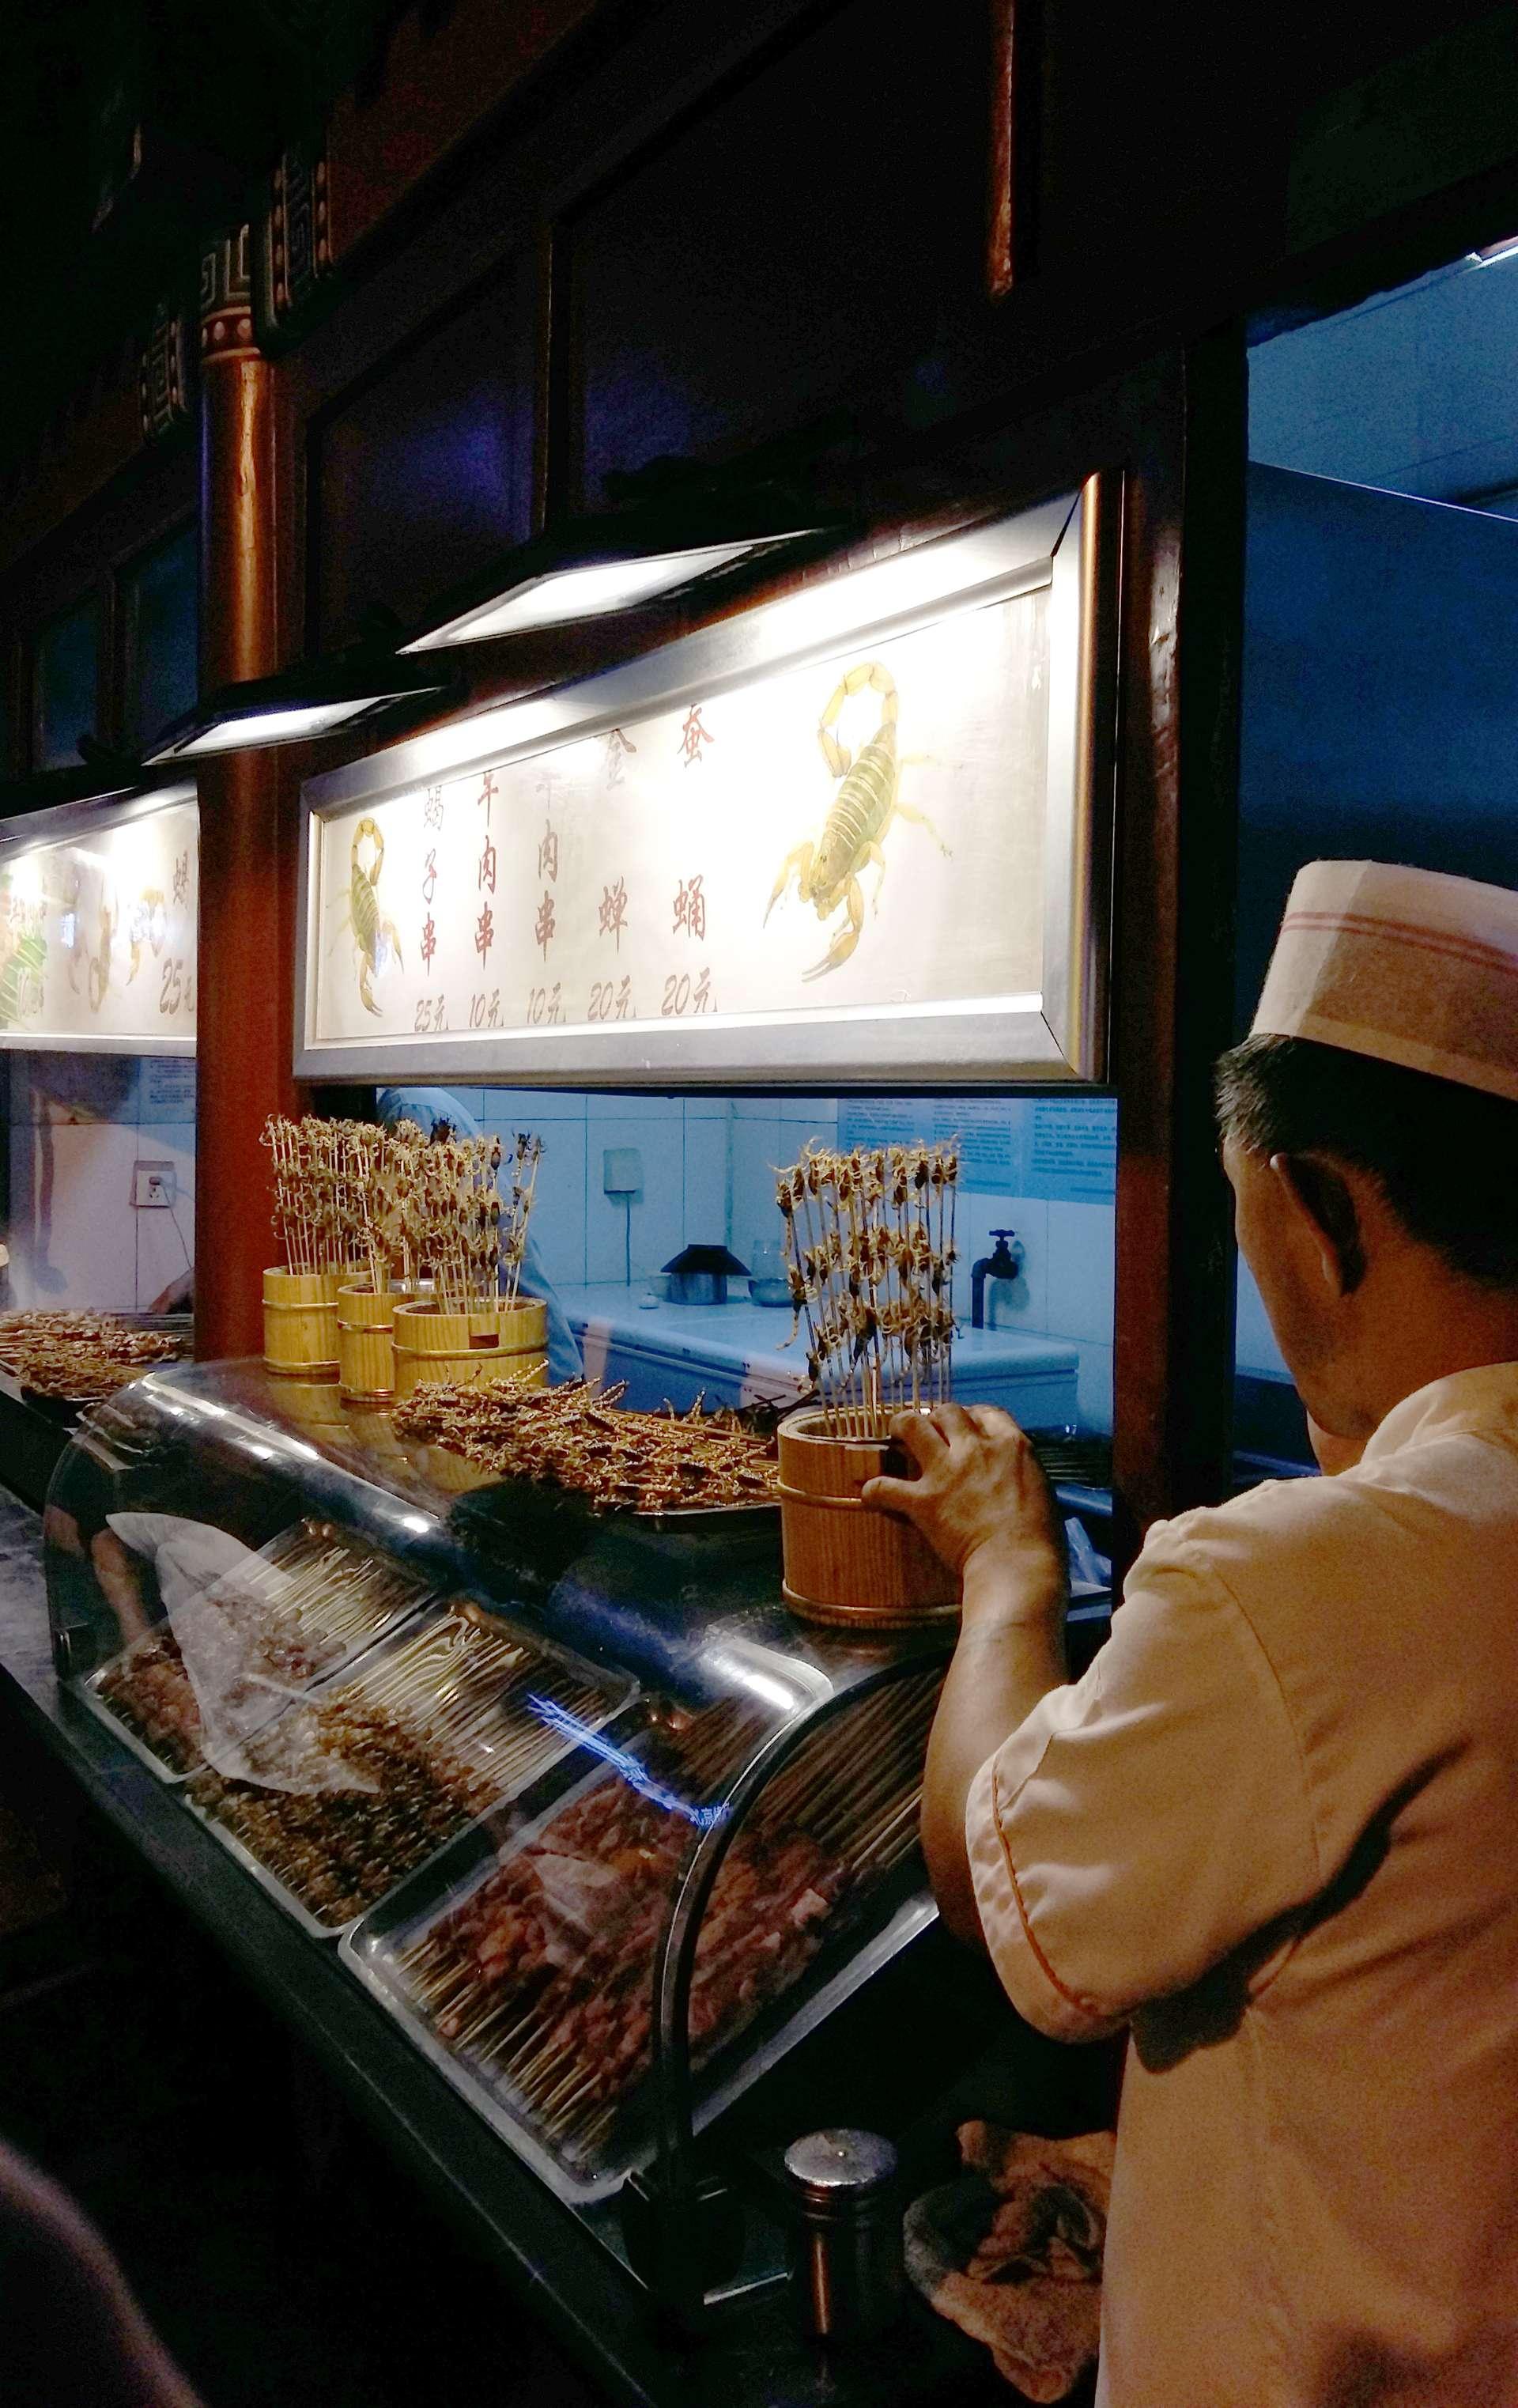 China, Beijing, Wangfujing Snack Street